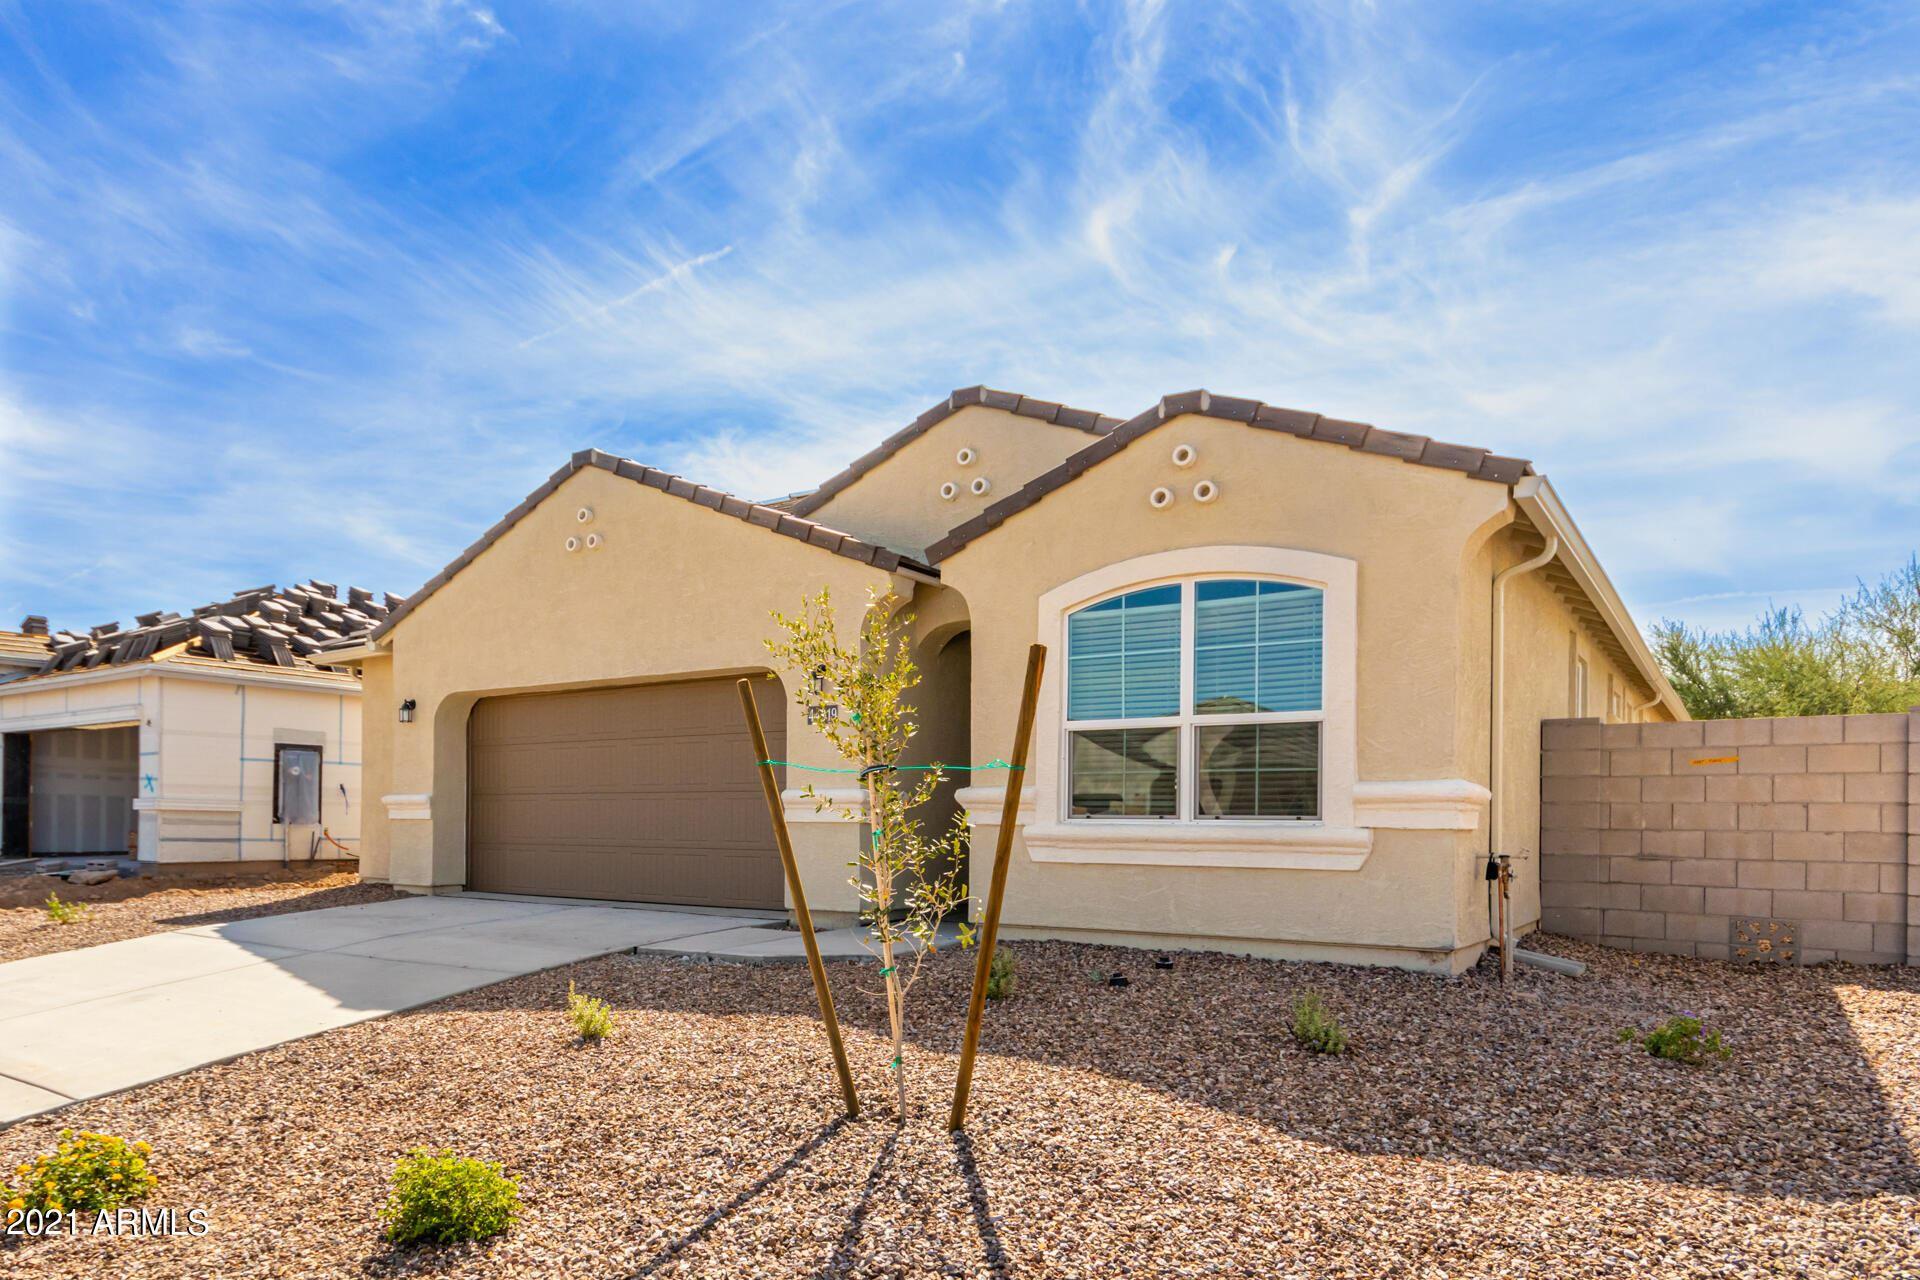 Photo of 44319 W PALO CEDRO Road, Maricopa, AZ 85138 (MLS # 6307108)